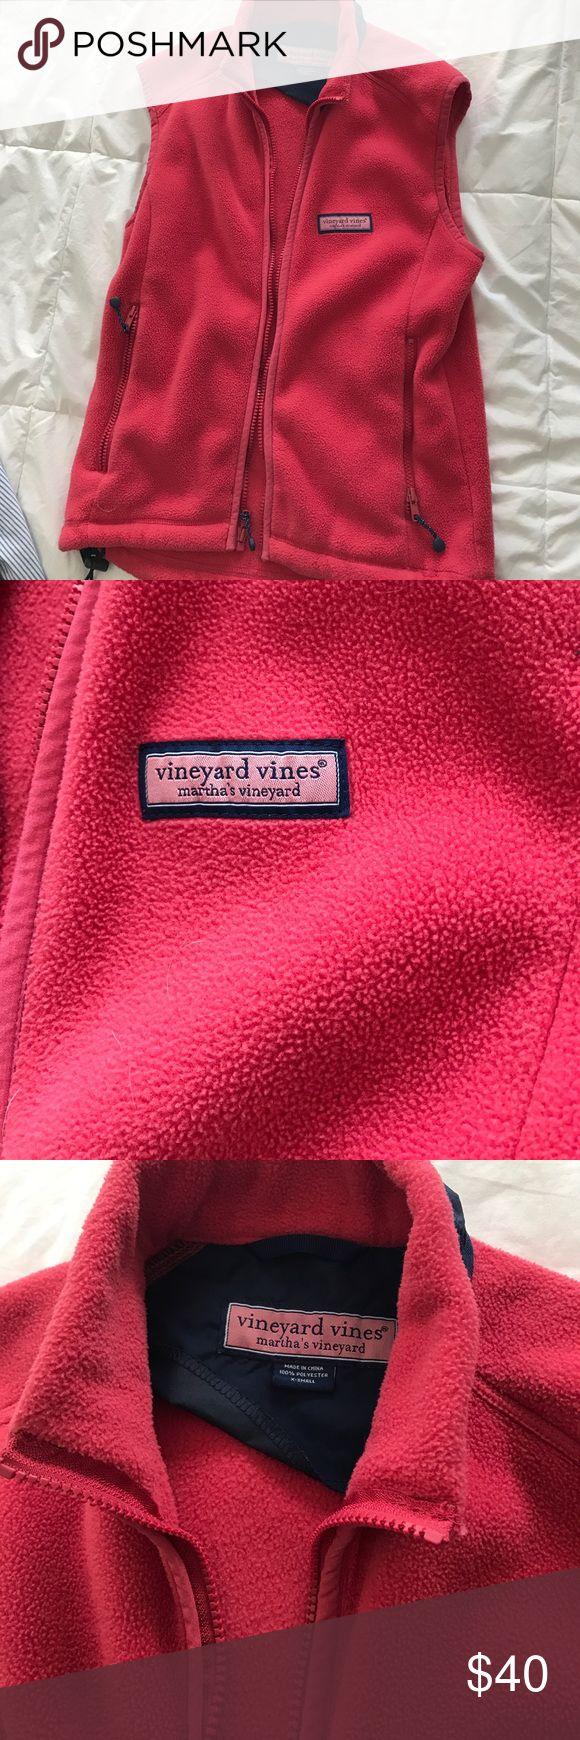 Vineyard Vines XS vest Nantucket red colored Super soft, worn once vest vest Vineyard Vines Jackets & Coats Vests